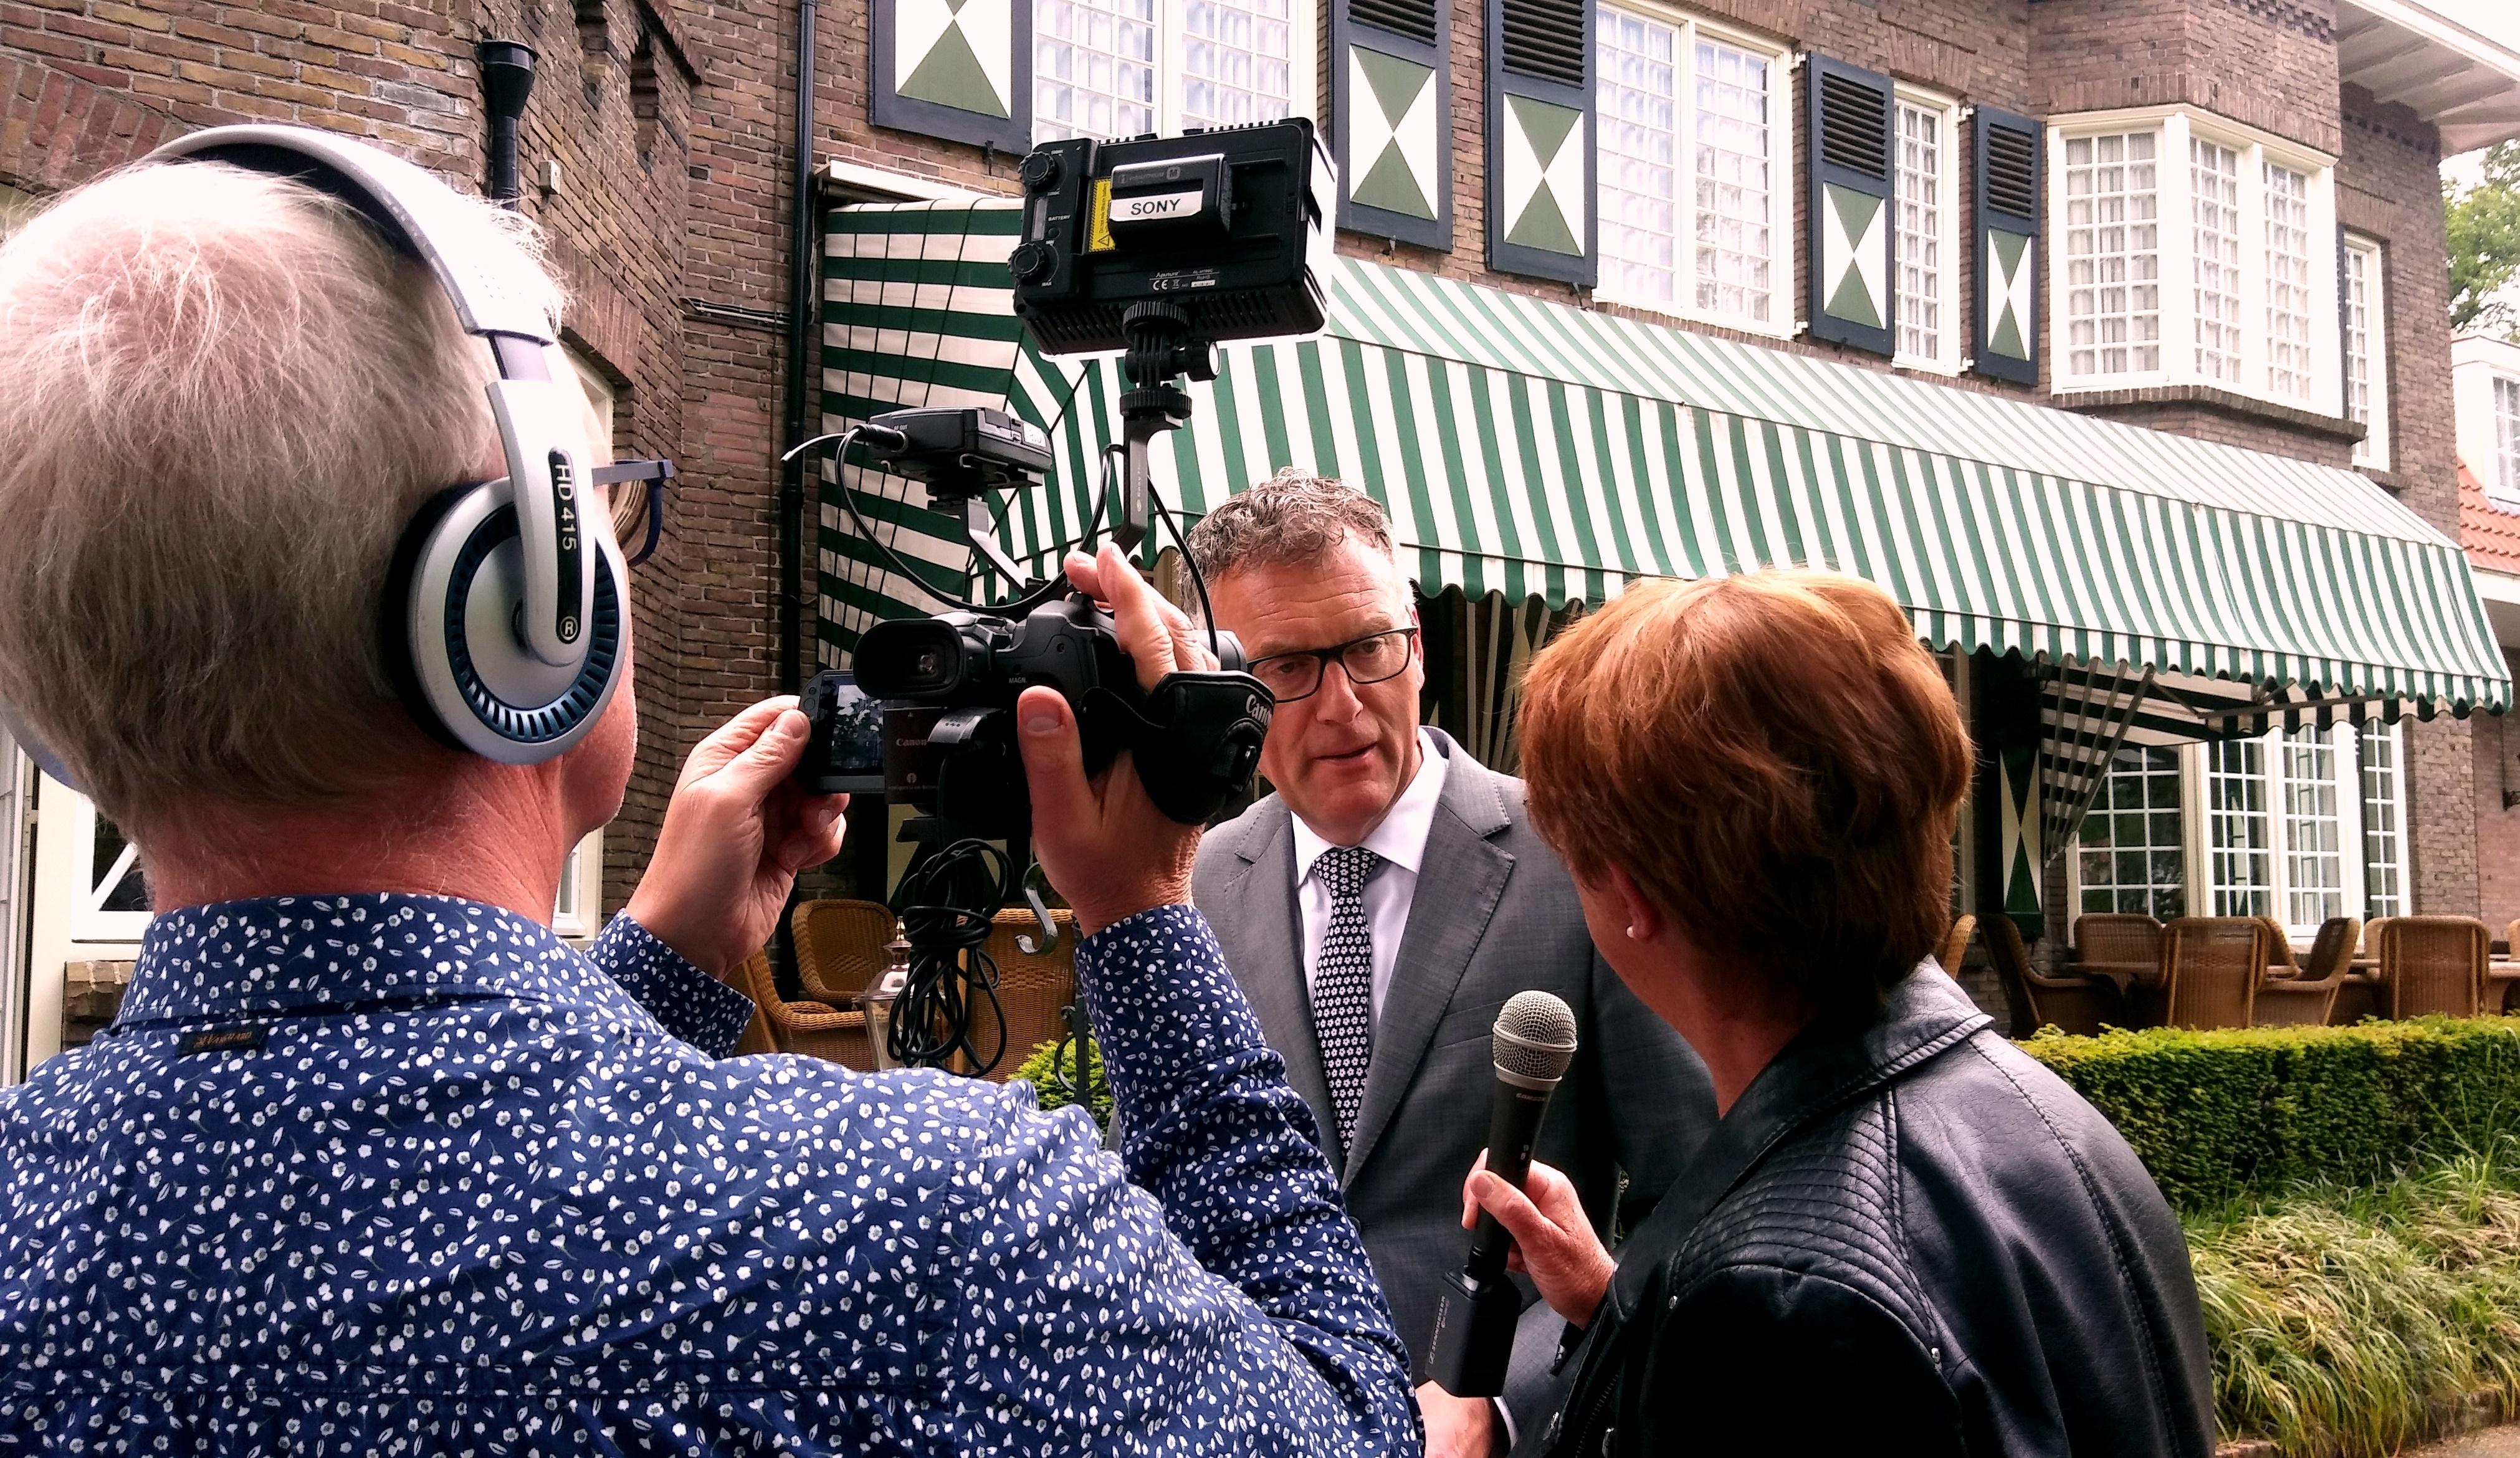 Burgemeester Hans Janssen nam het eerste boekje in ontvangst en downloadde de nieuwe app.